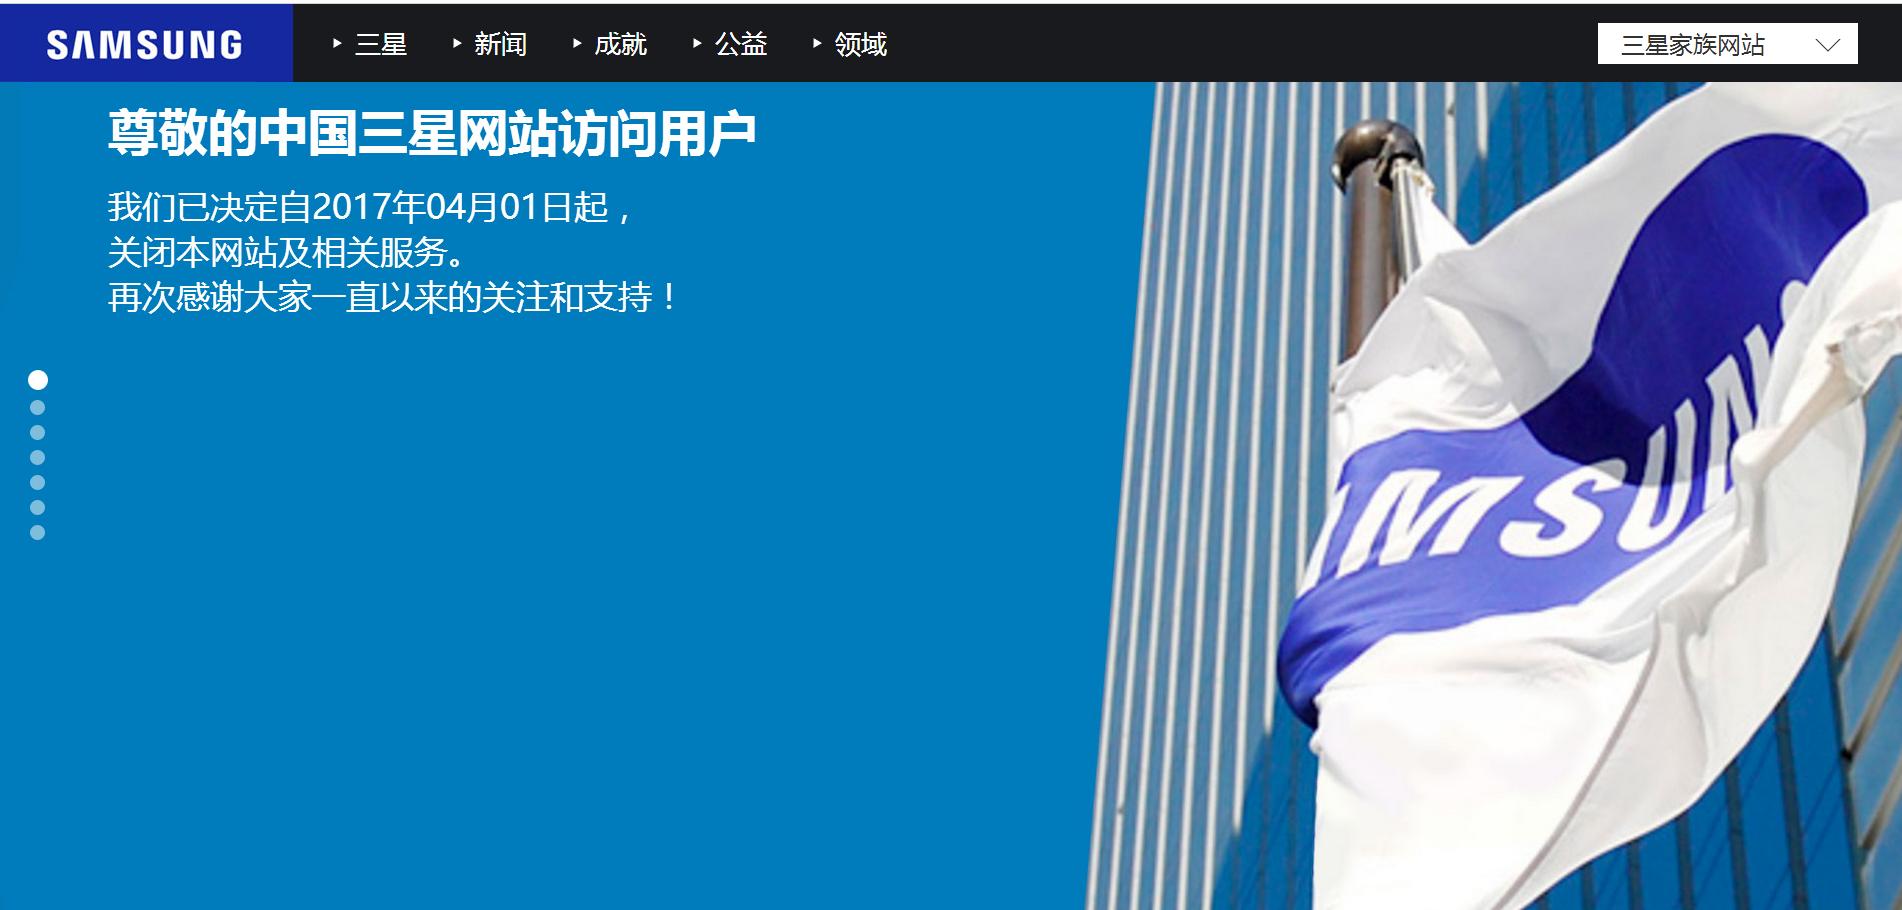 中国三星网站4月1日将关闭-芊雅企服